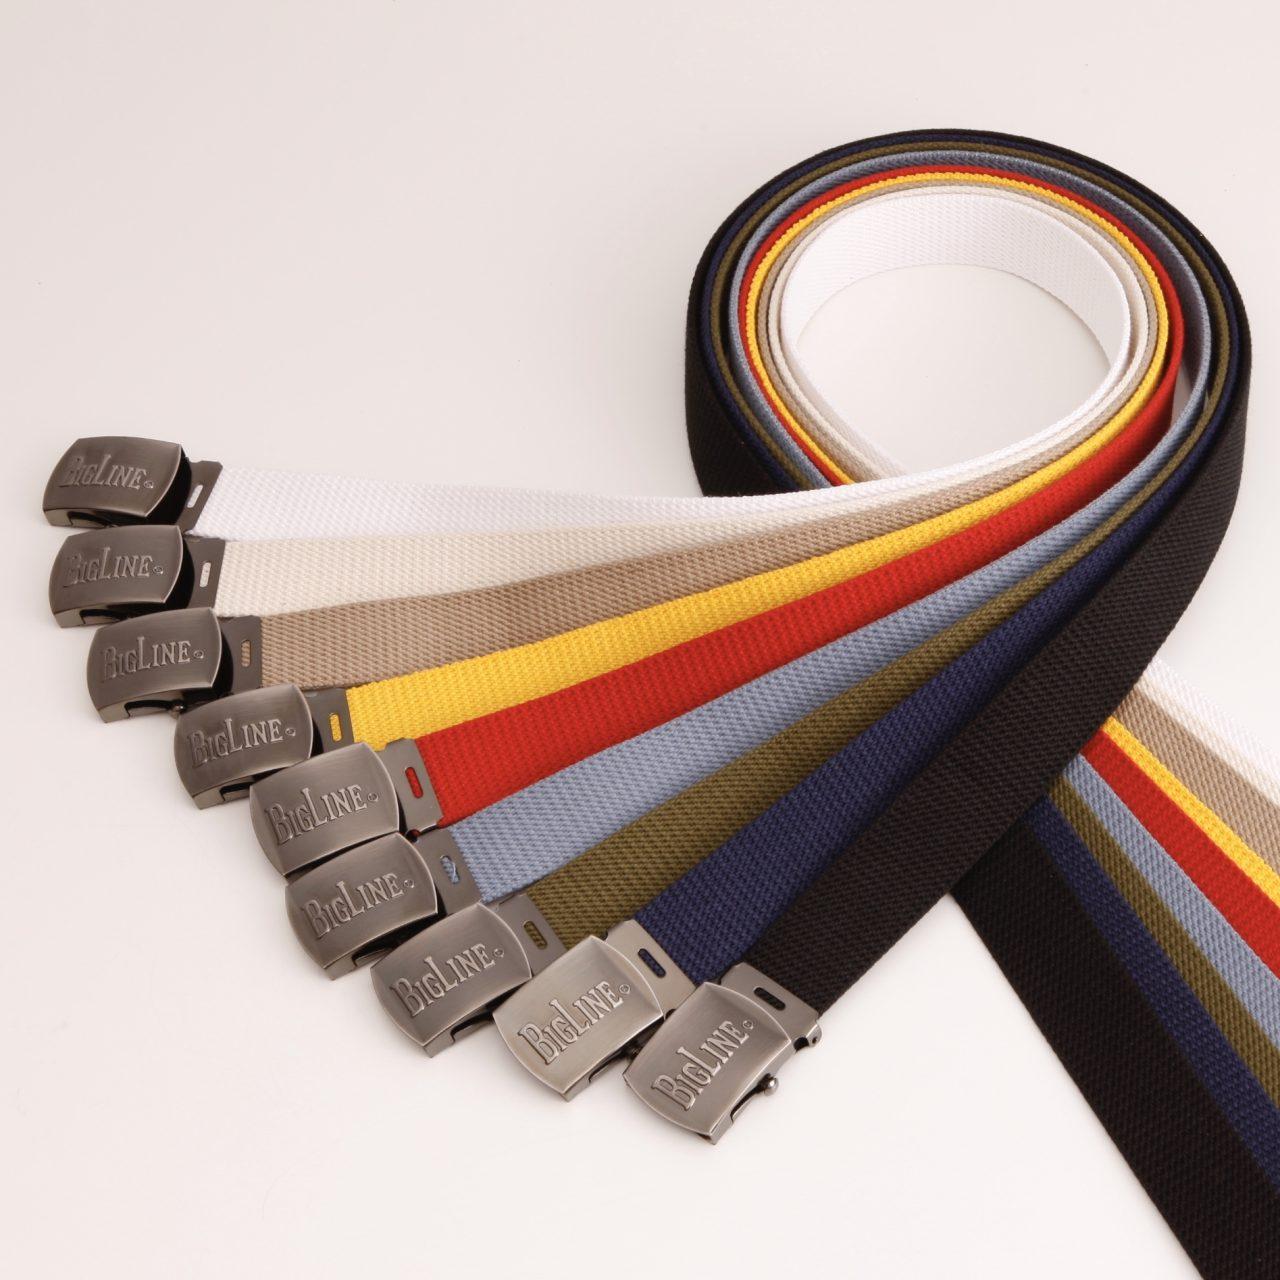 32ミリ幅 コットン GIガチャベルト BIGLINEロゴ入り 選べる9色 日本製 自社生産